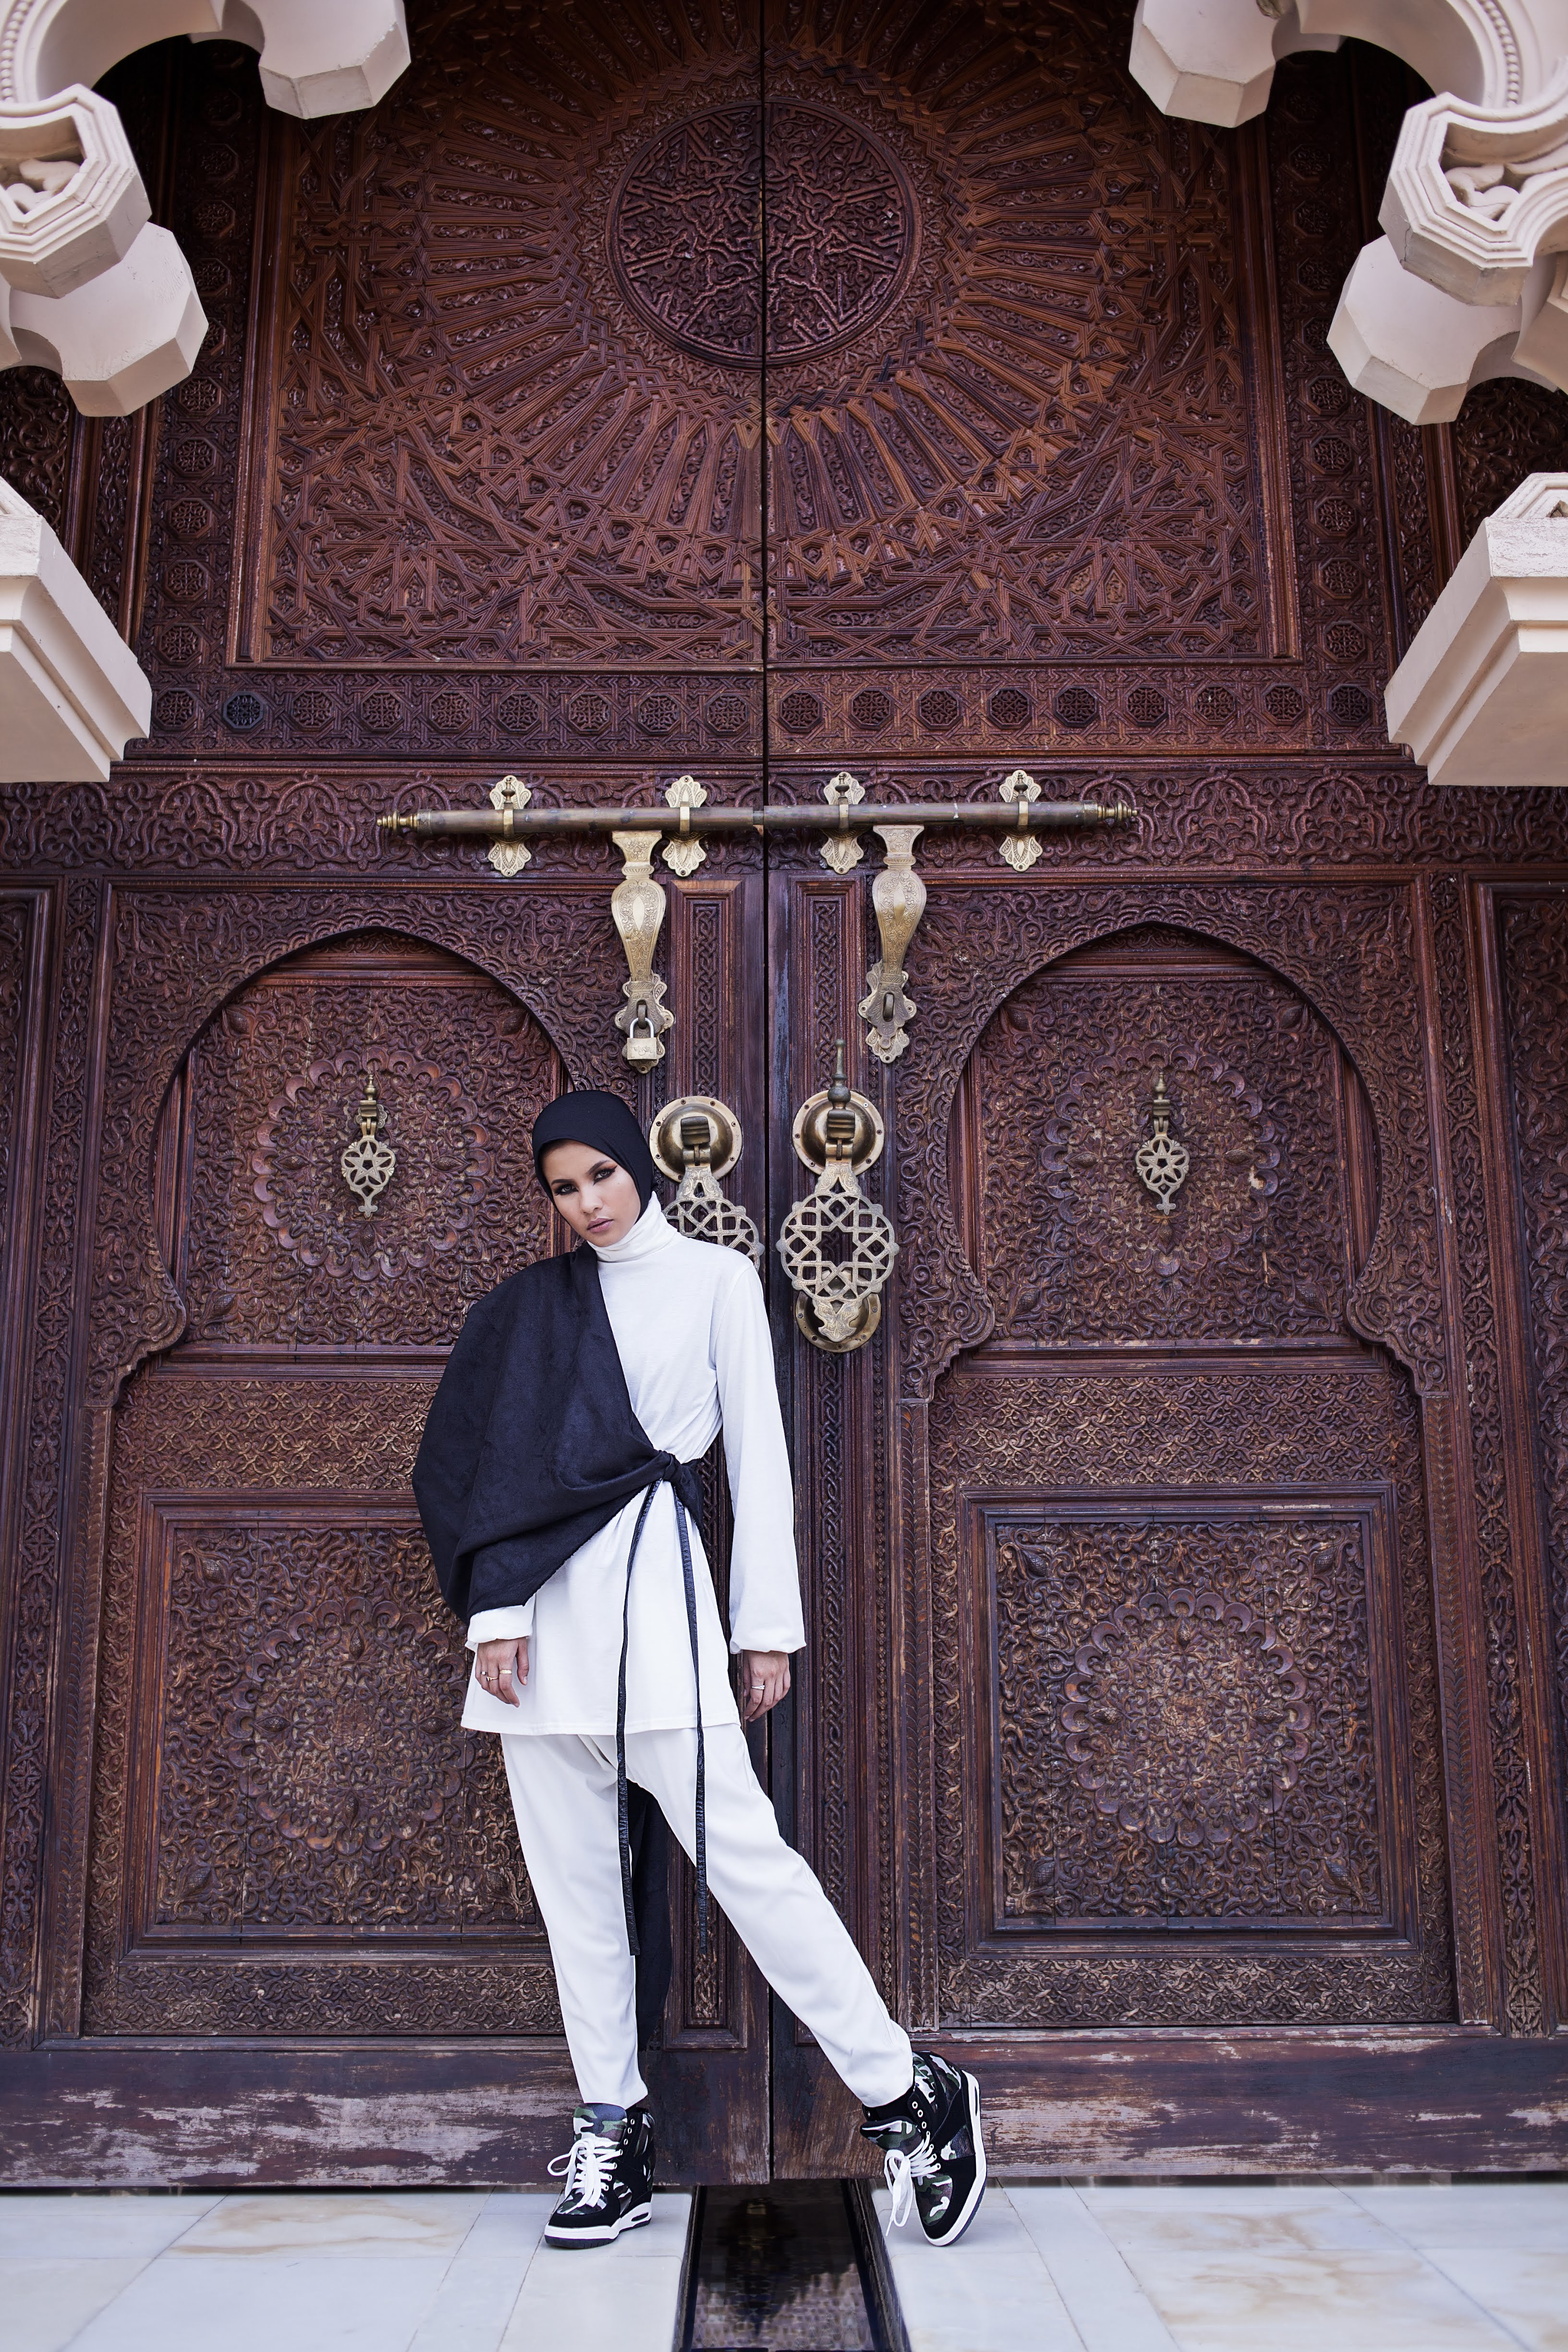 85de459d25e Why mainstream brands are embracing modest fashion - CNN Style